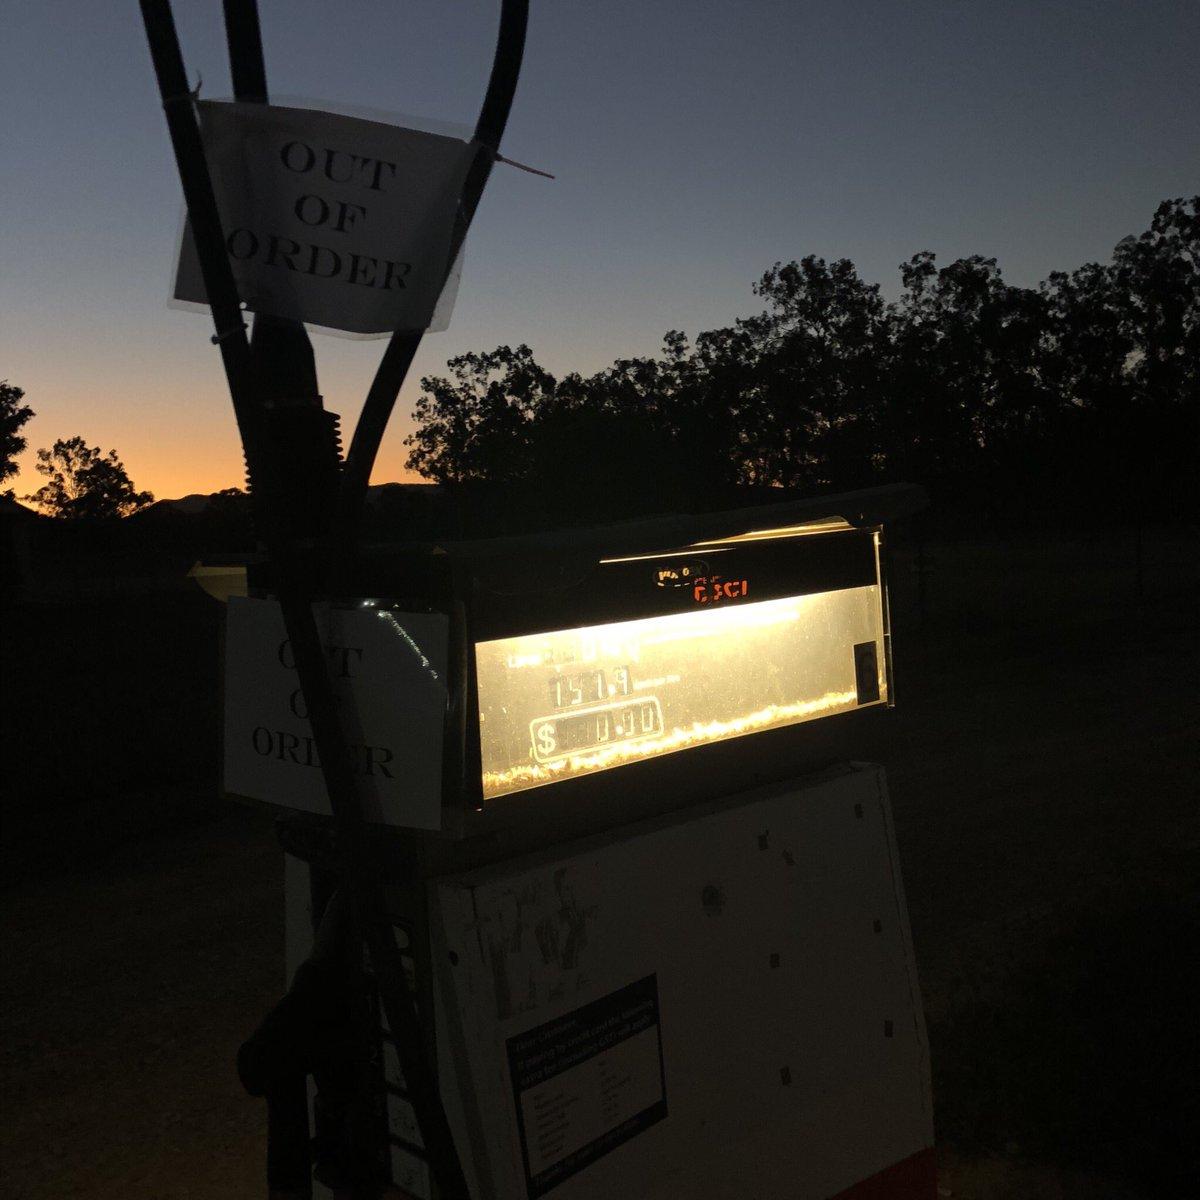 Australien ist, wenn der Tank fast leer ist, die Tankstelle kein Sprit mehr…